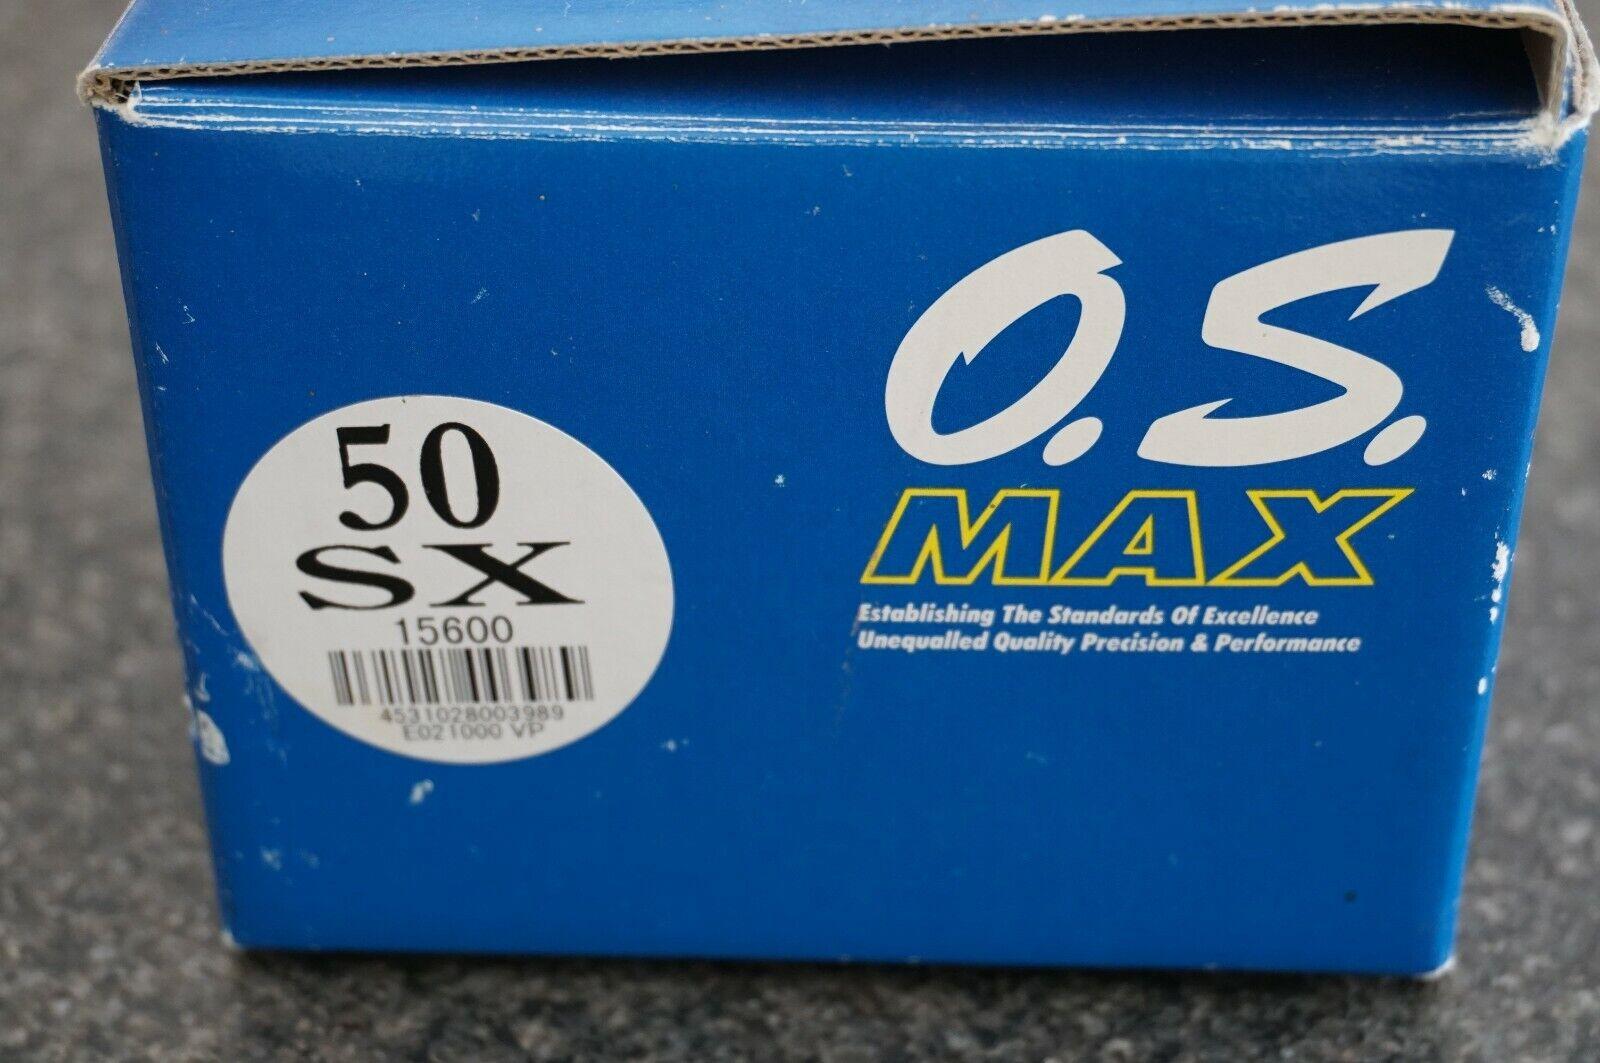 OS Max 50 SX Nitro Glow Engine